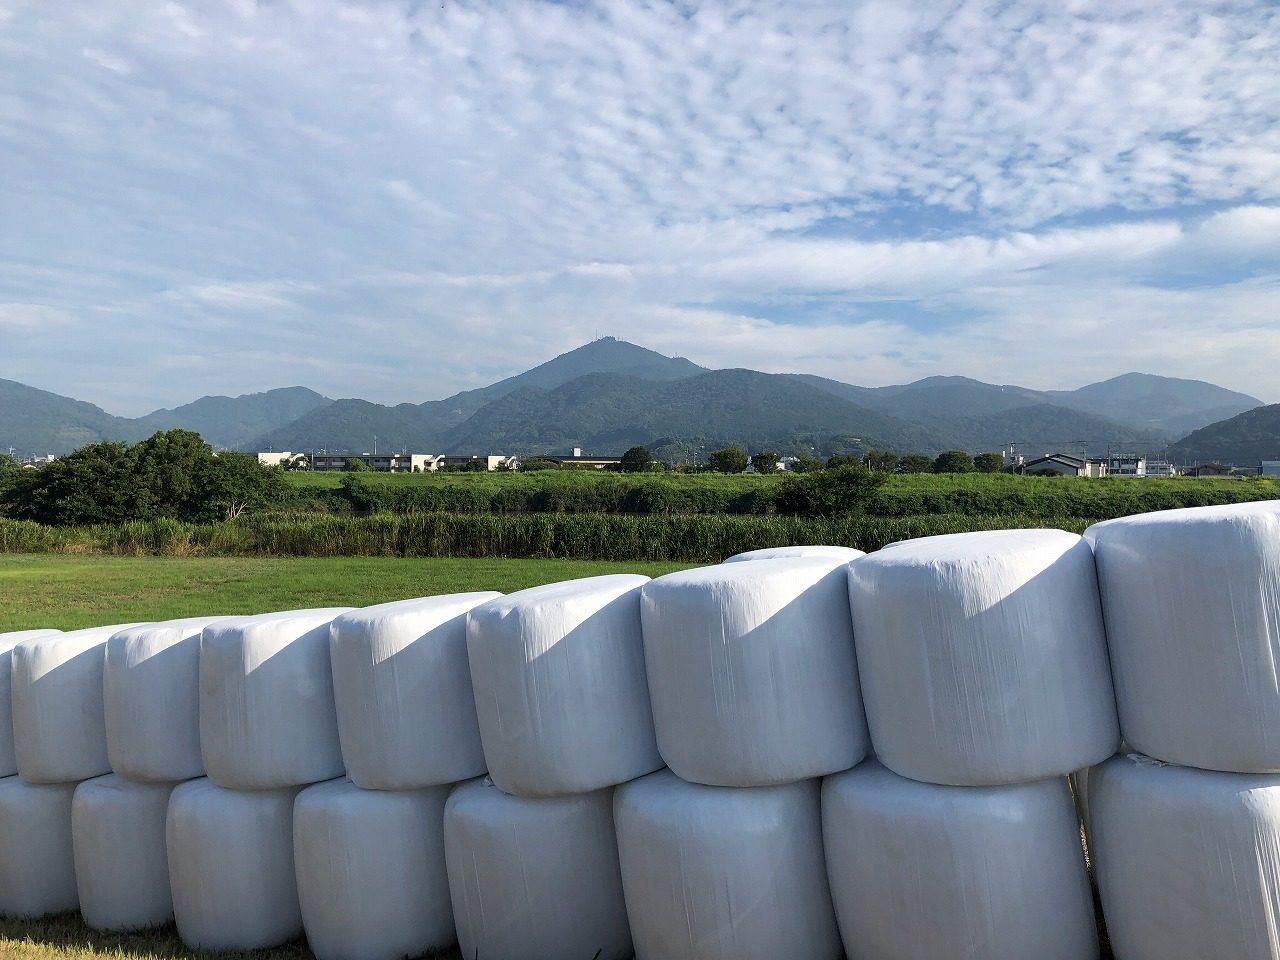 2019.8.7今朝の金峰山です。